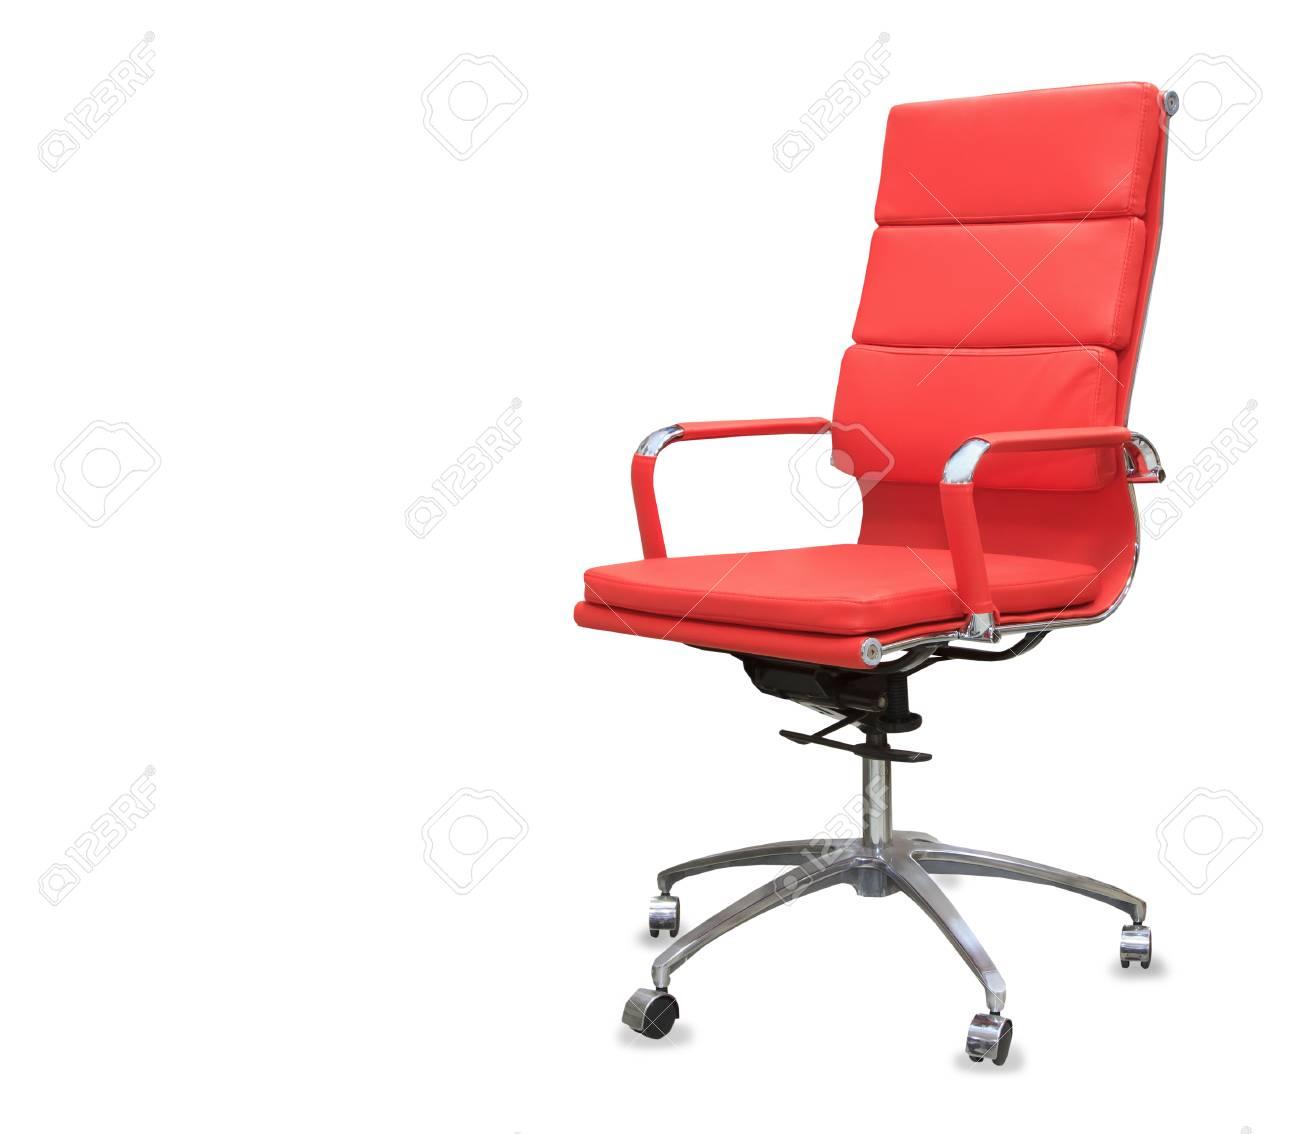 De Chaise En Cuir RougeIsolé Moderne Bureau FJc3lKT1